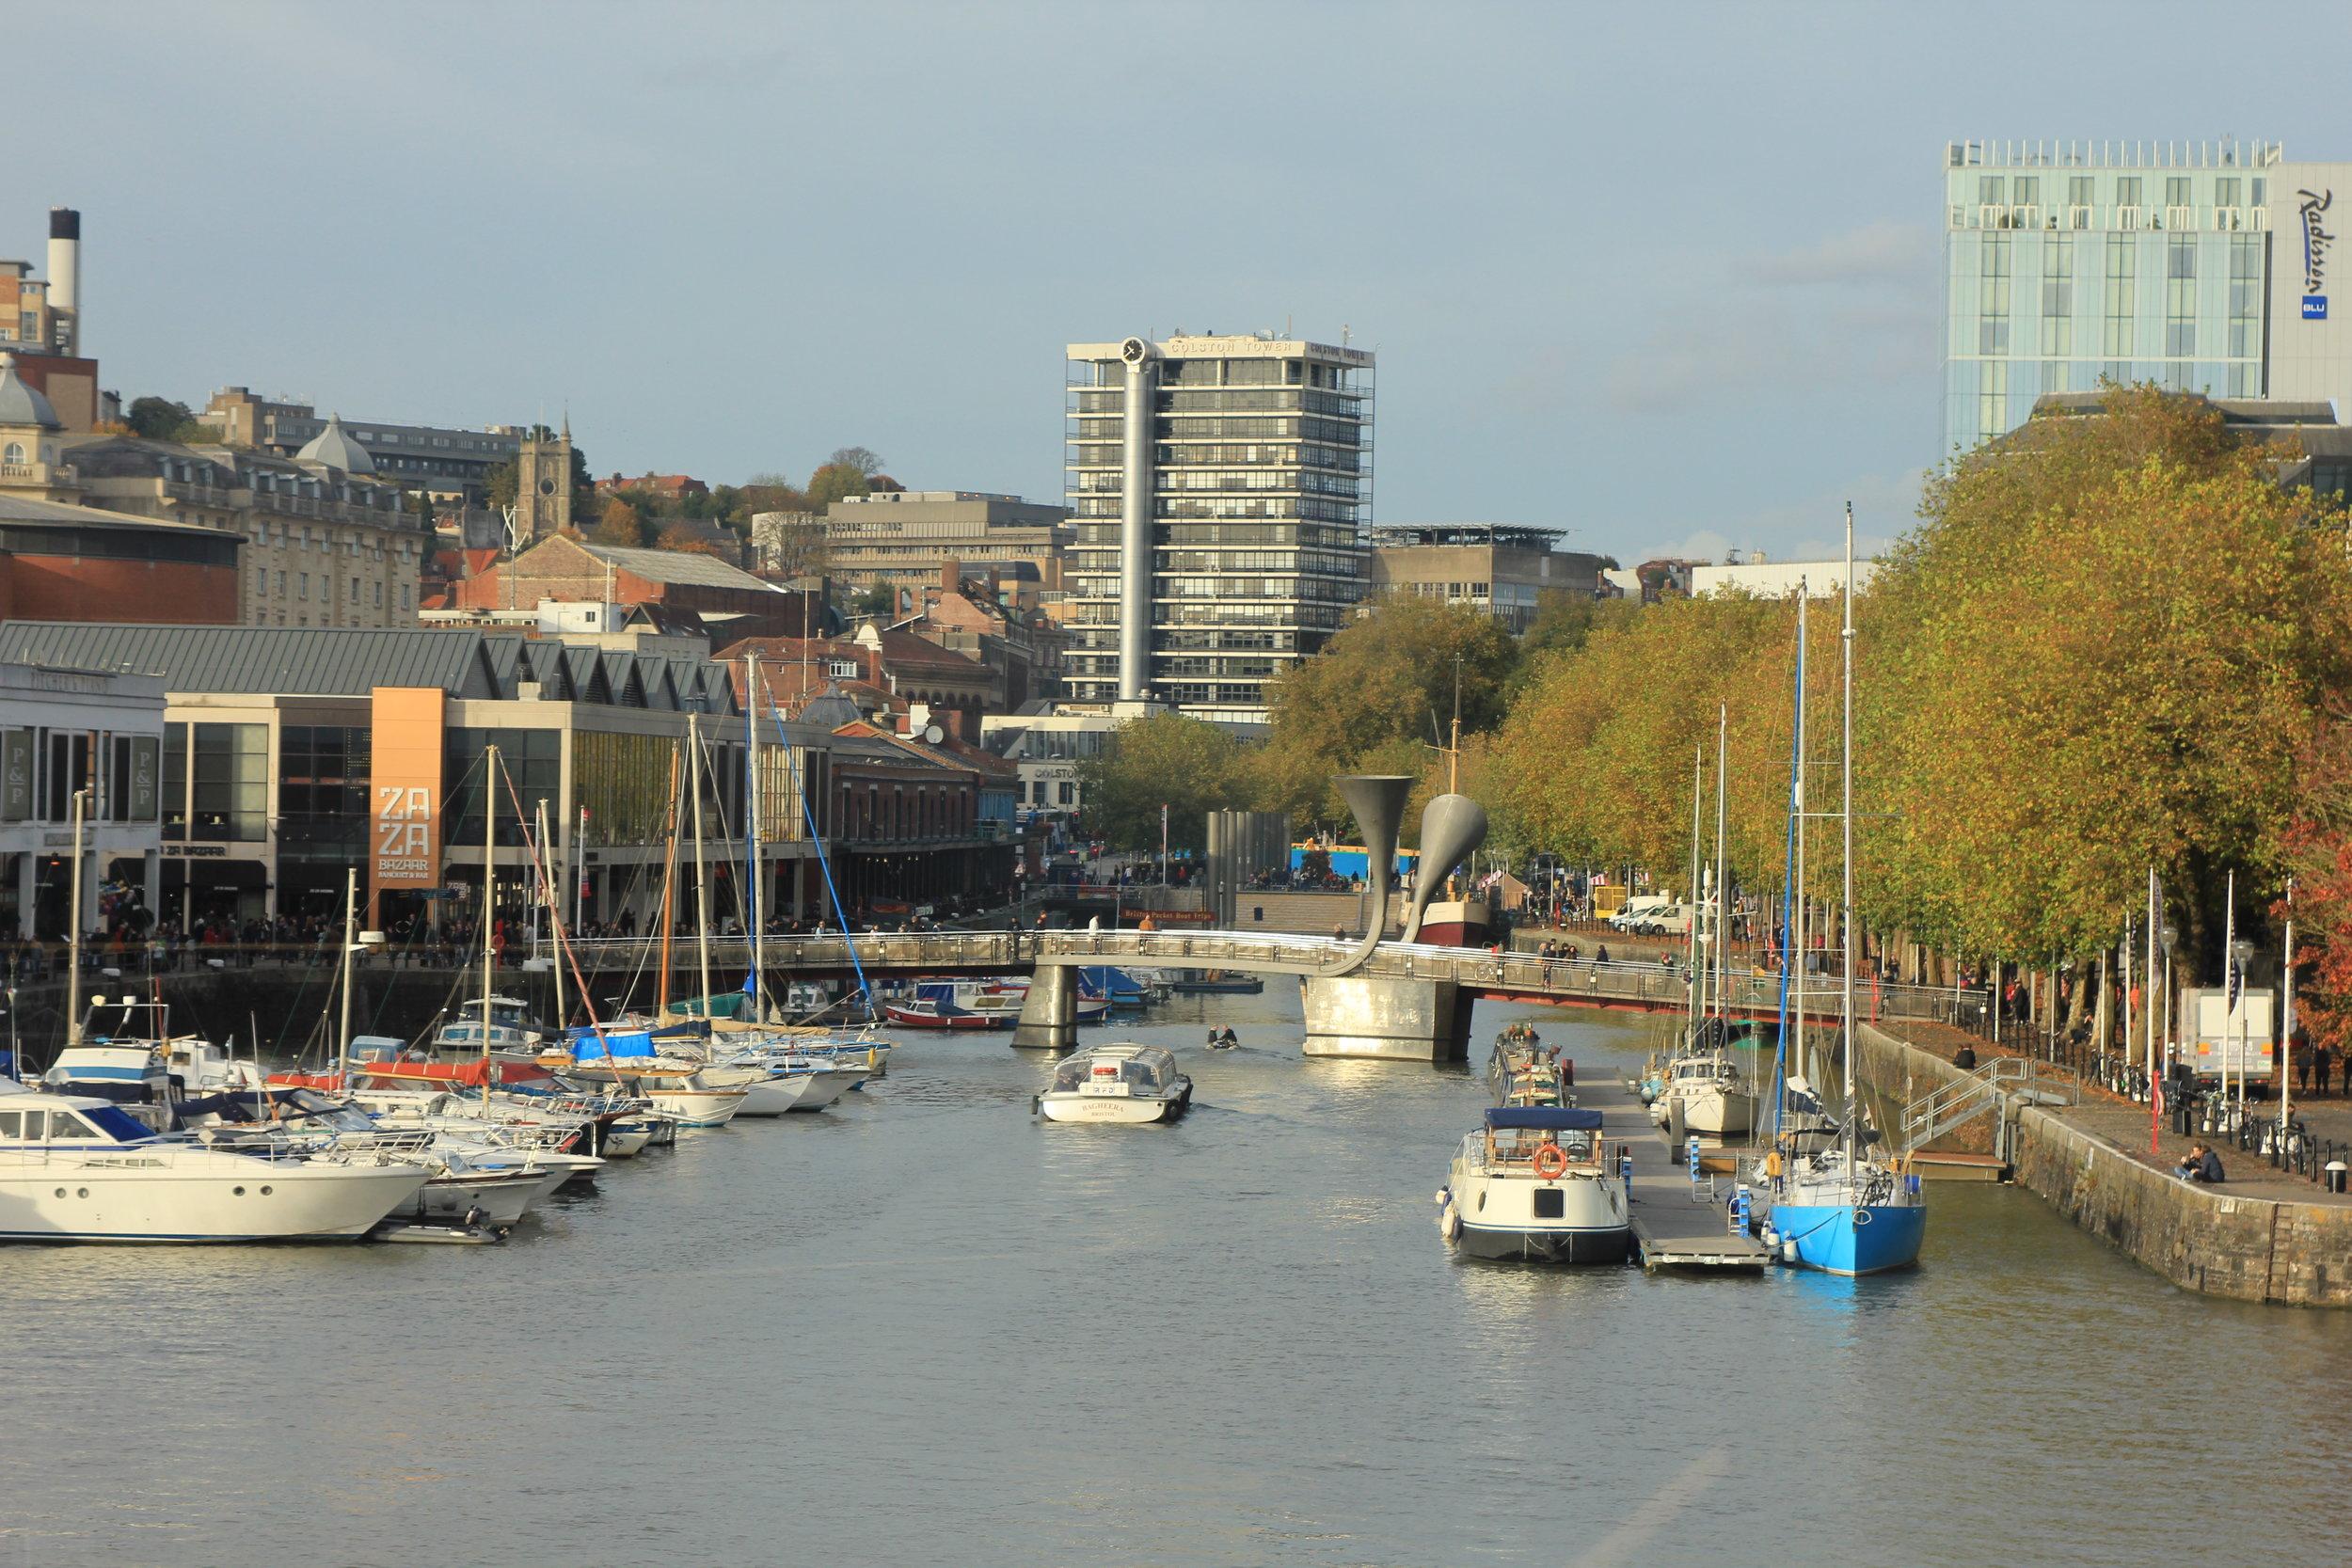 Bristol's waterway